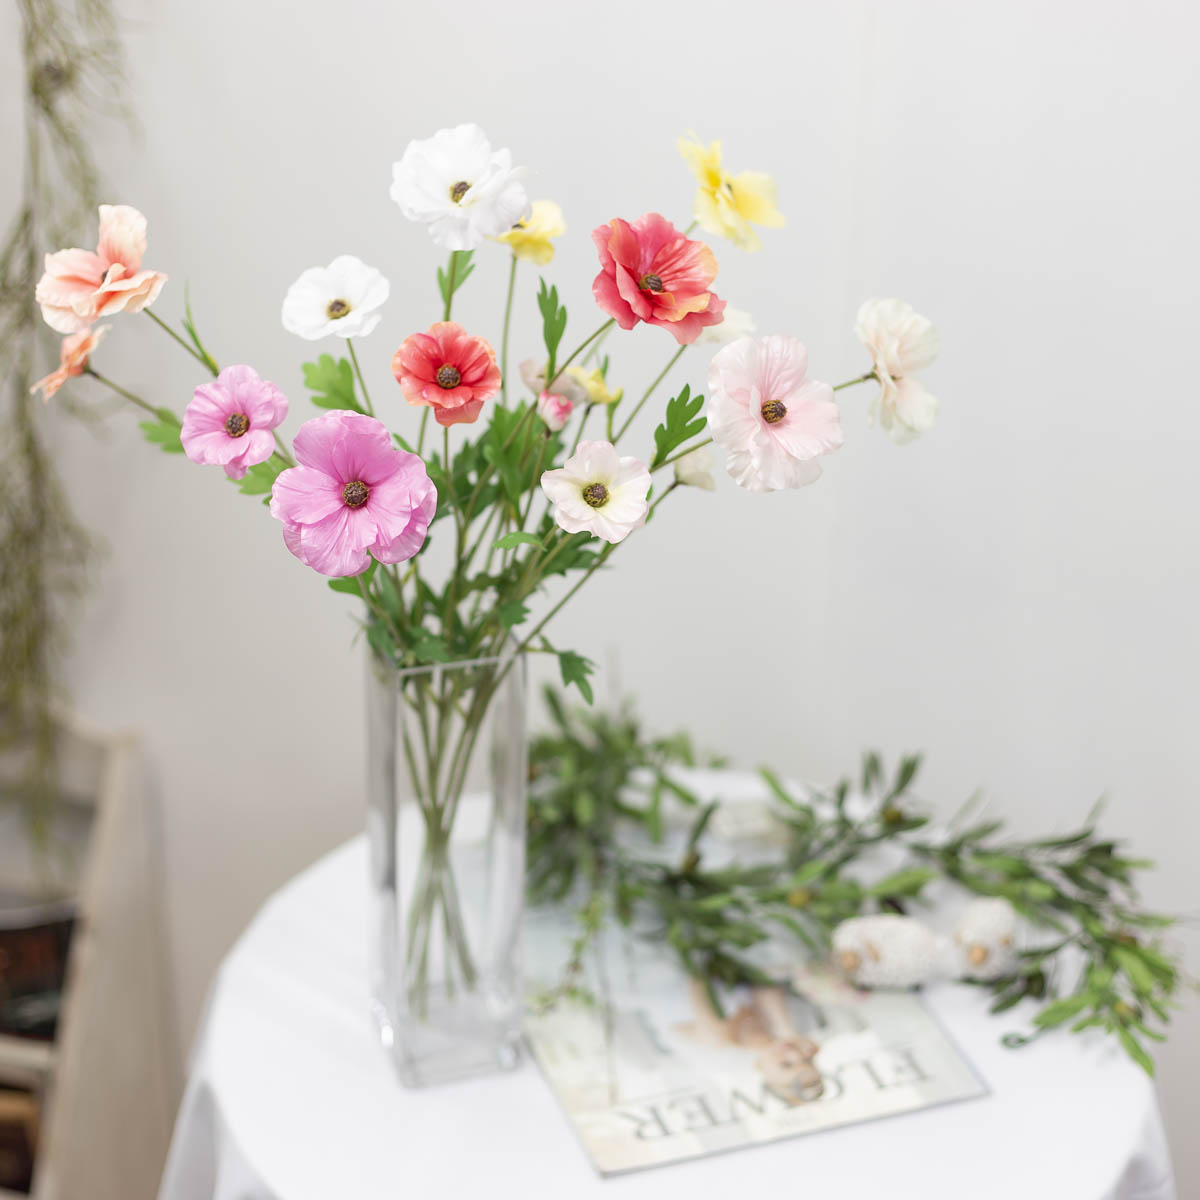 버터플라이 라넌큘러스 꽃 가지 60cm 연출샘플사진